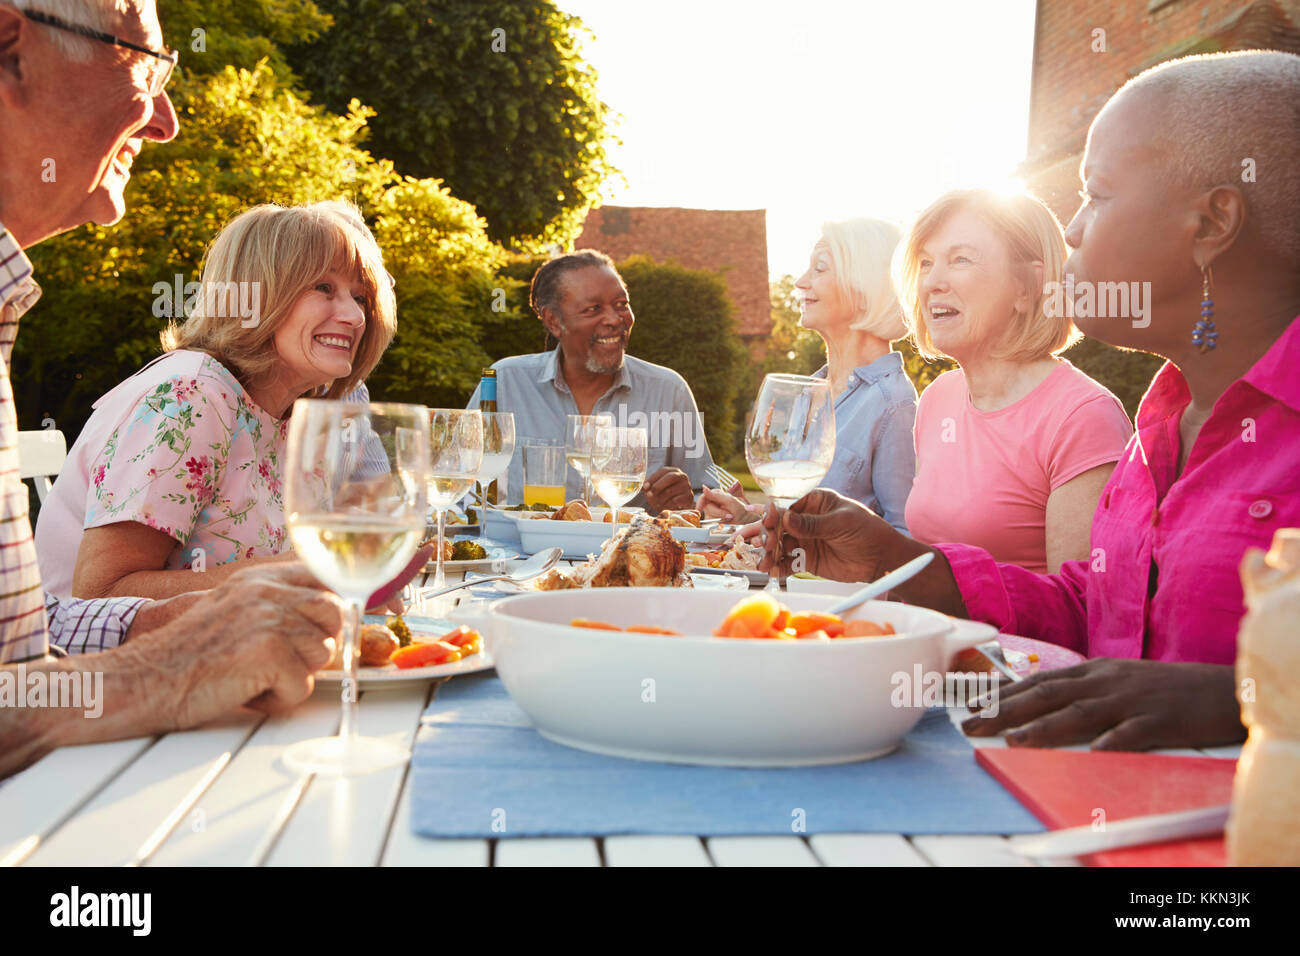 Gruppo di alti amici gustando una cena all'aperto parte a casa Immagini Stock